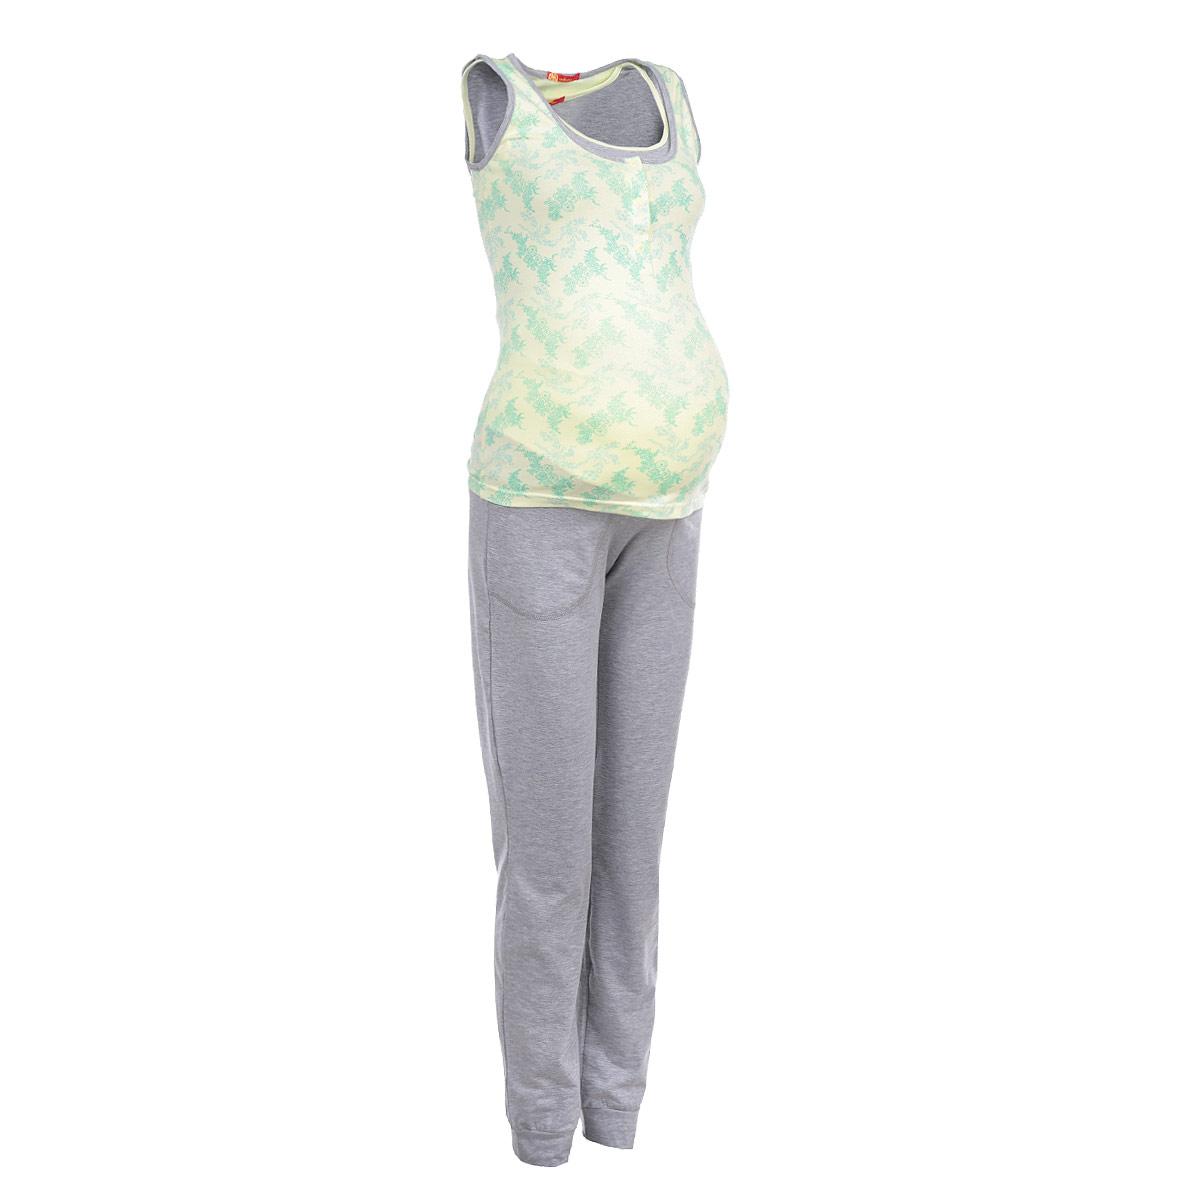 Пижама24138Удобная и стильная пижама для беременных и кормящих мам Мамин Дом, изготовленная из натурального хлопка с добавлением эластана, подчеркнет ваше очарование в этот прекрасный период вашей жизни. Топ оформлен очаровательным цветочным принтом, а длинные штанишки выполнены в контрастных цветах и оснащены затягивающимся шнурком и двумя накладными карманами. Благодаря свободному крою, такая пижама подарит вам комфорт на любом сроке беременности, и после родов. Топ имеет секрет кормления, выполненный в виде внутренней вставки на груди. Также на груди предусмотрена небольшая застежка на кнопки, обеспечивает удобный и быстрый доступ к груди. Низ штанин дополнен эластичными манжетами, а резинка под живот дает дополнительную поддержку, выполняя эффект бандажа. Такая пижама сделает отдых будущей мамы комфортным. Сочетается с кардиганом Skylight арт. 25307. Одежда, изготовленная из хлопка, приятна к телу, сохраняет тепло в холодное время года и дарит прохладу в теплое,...